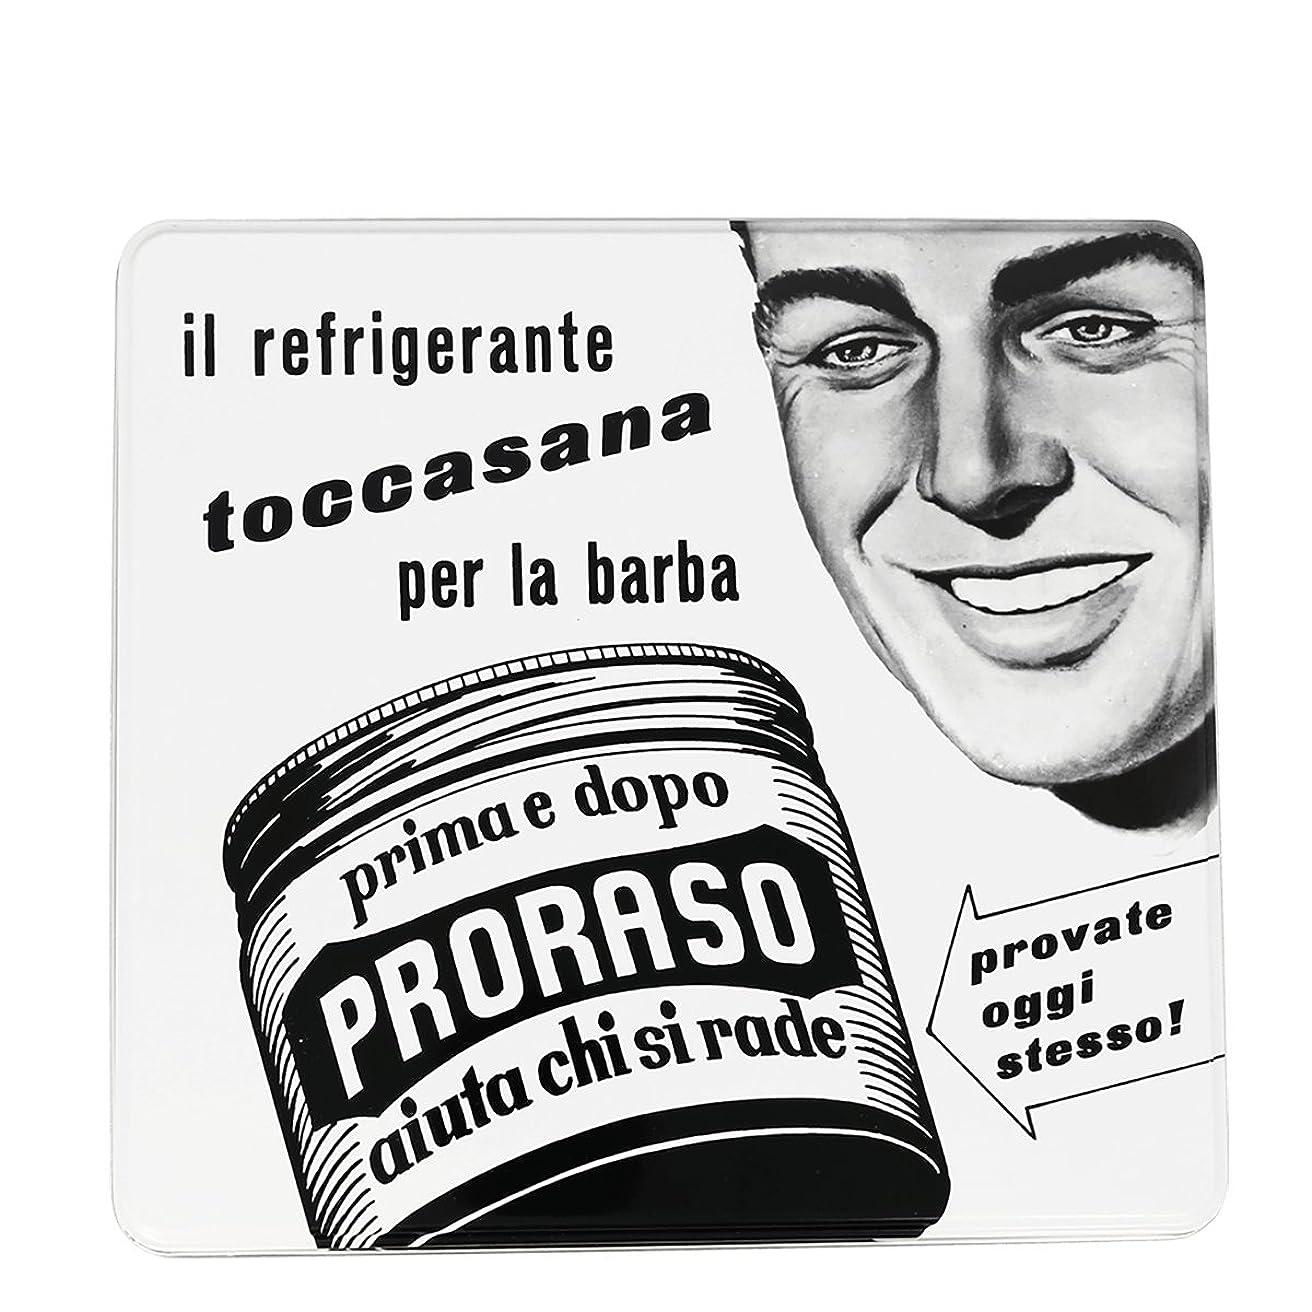 回るとして確保するProraso Toccasana ヴィンテージ センシティブ セレクション缶 - White Range[海外直送品] [並行輸入品]